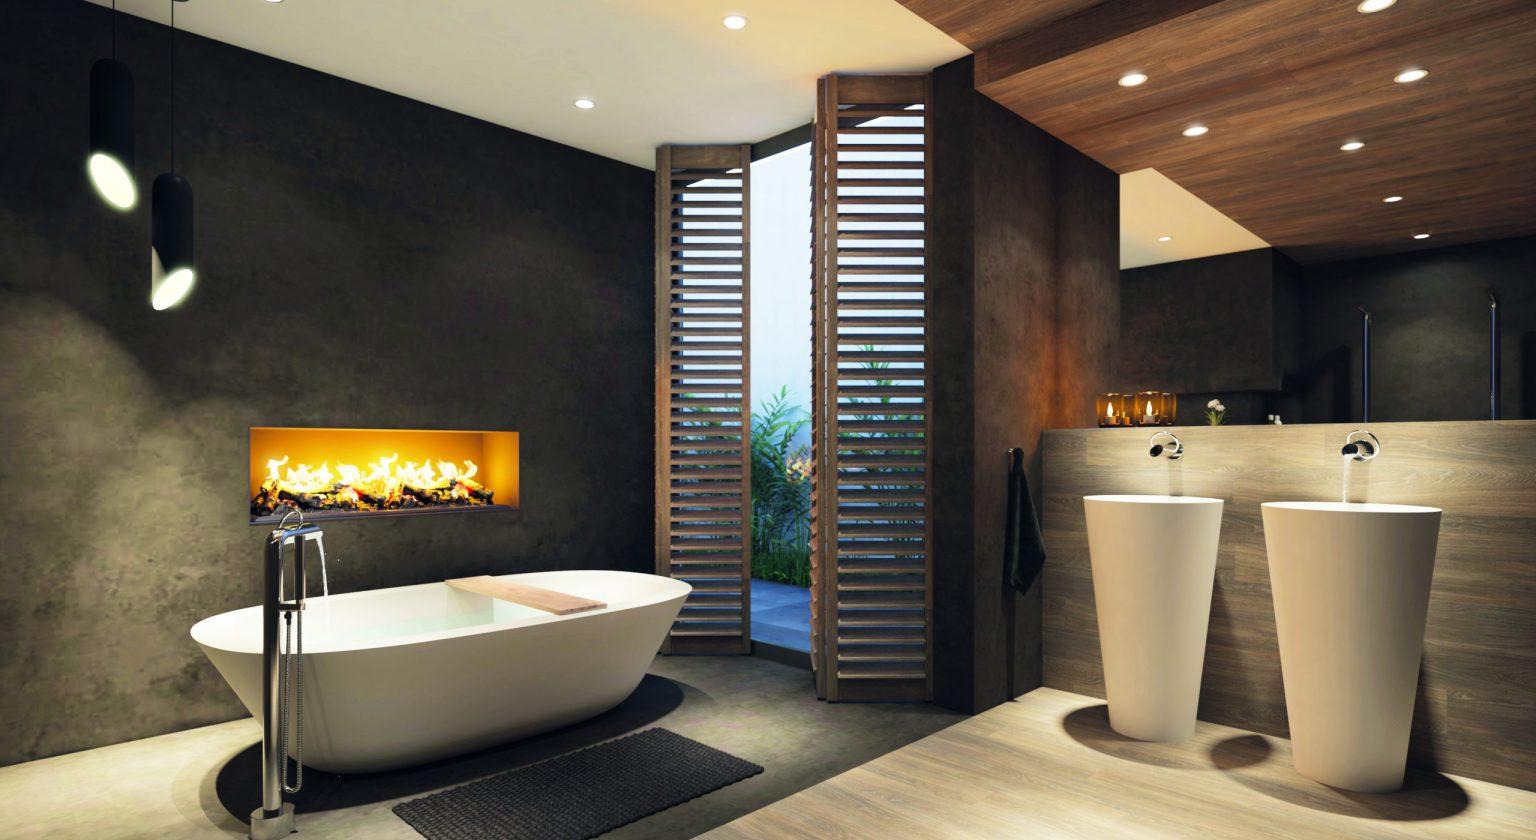 Ben je op zoek naar een bad voor jouw droombadkamer? Hier vind je alles over baden in verschillende vormen, maten en van allerlei soorten materialen. Ontdek de mogelijkheden en bekijk voorbeelden. #bad #baden #badkamer #voorbeelden #badkameridee #jeeo